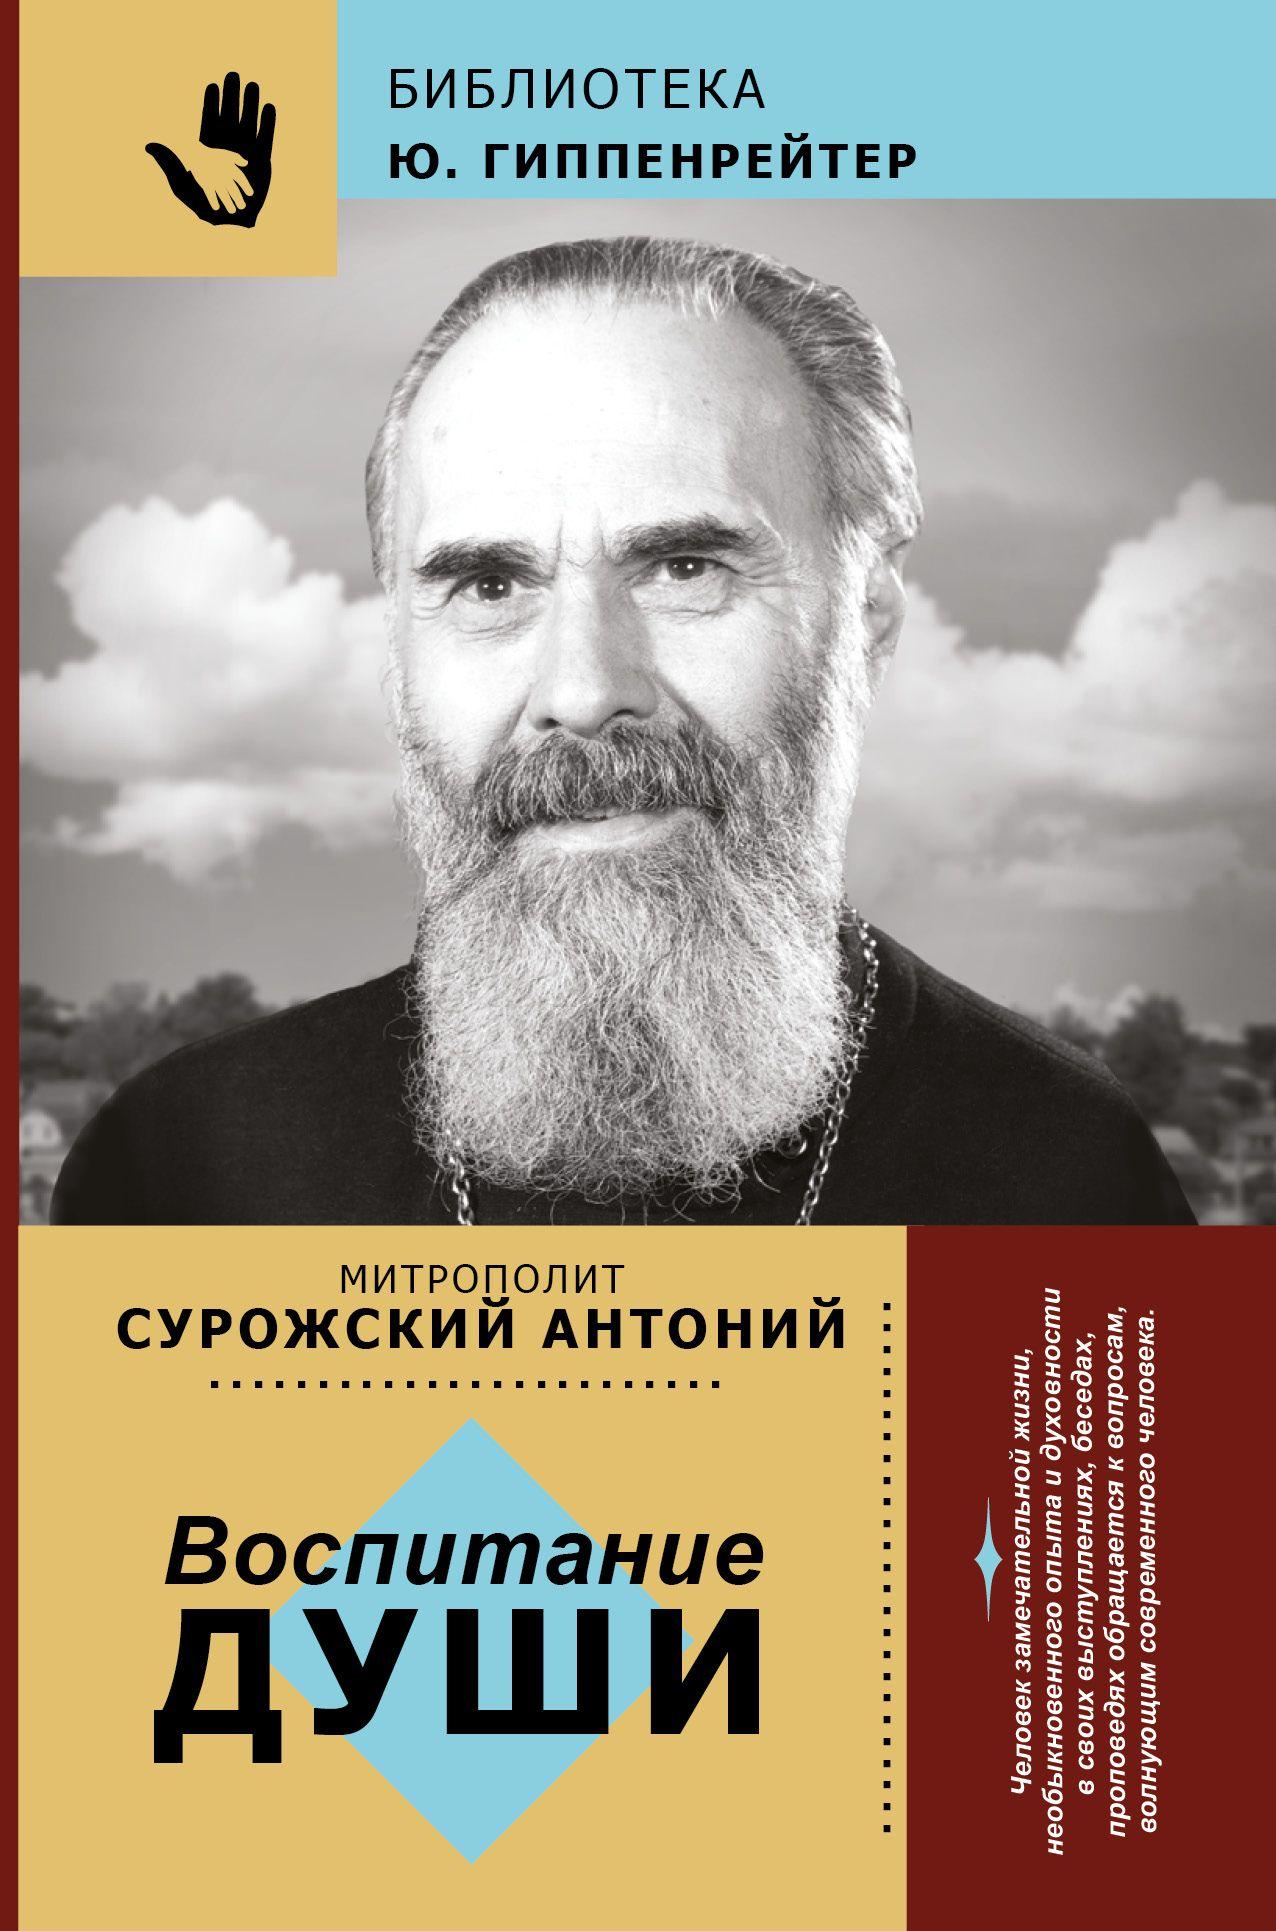 Антоний сурожский скачать бесплатно fb2